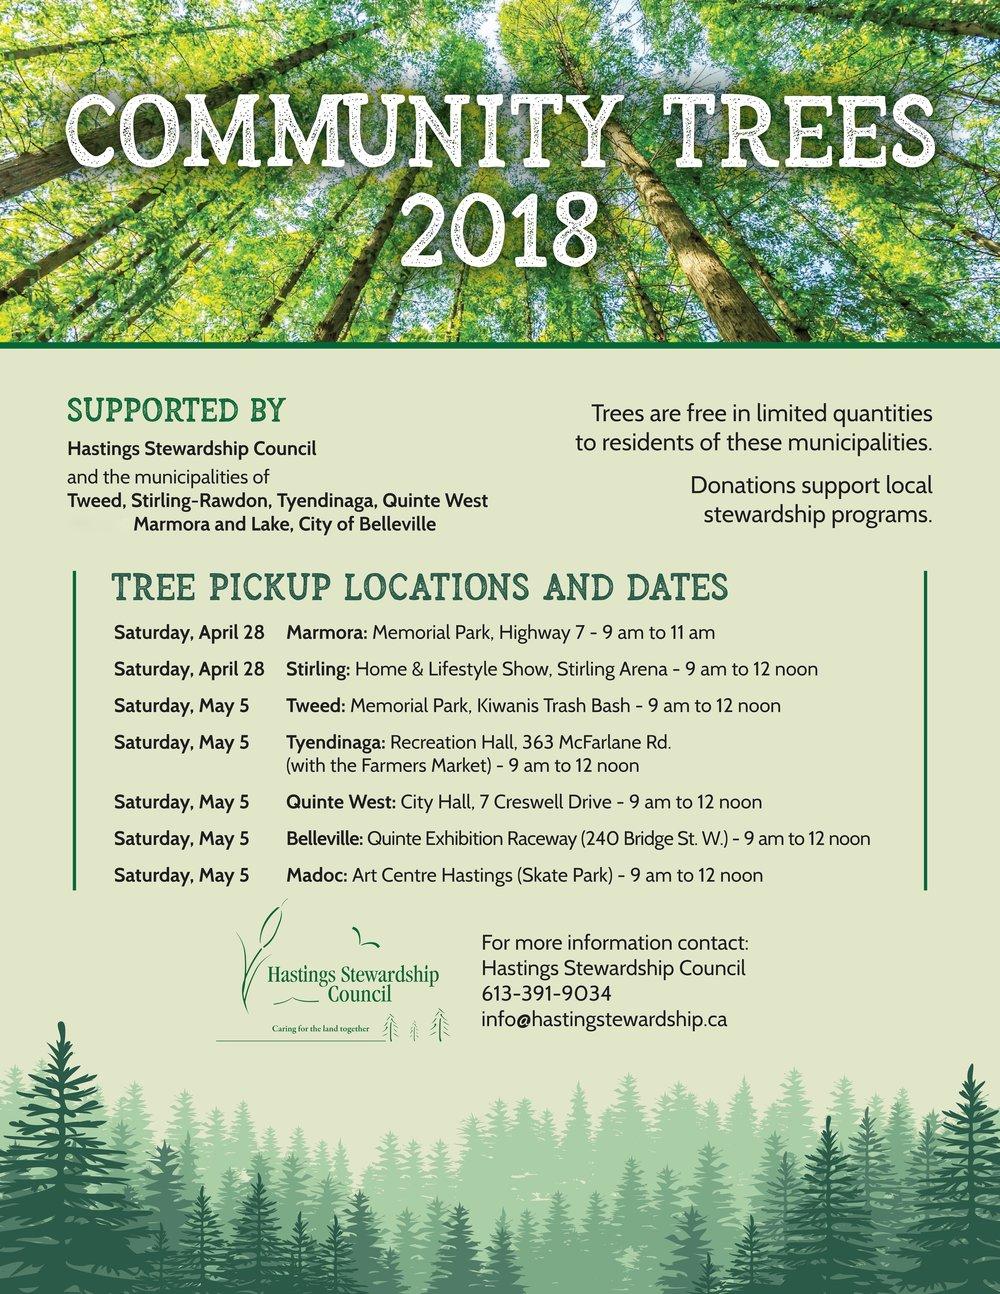 HSC Community Trees Poster 2018.jpg